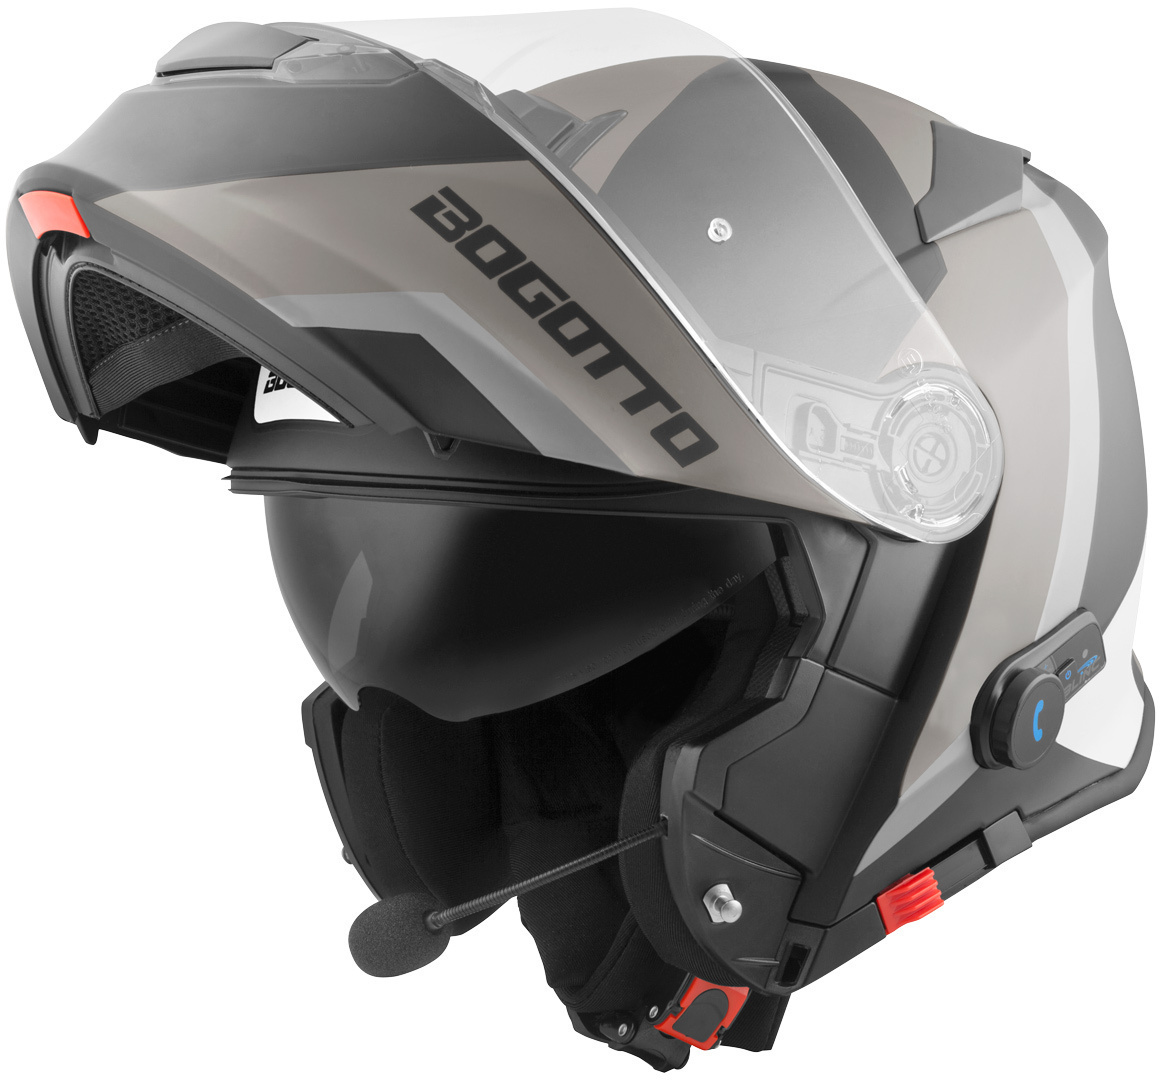 Bogotto V271 BT Zabu Bluetooth Klapphelm, schwarz-grau, Größe S, schwarz-grau, Größe S